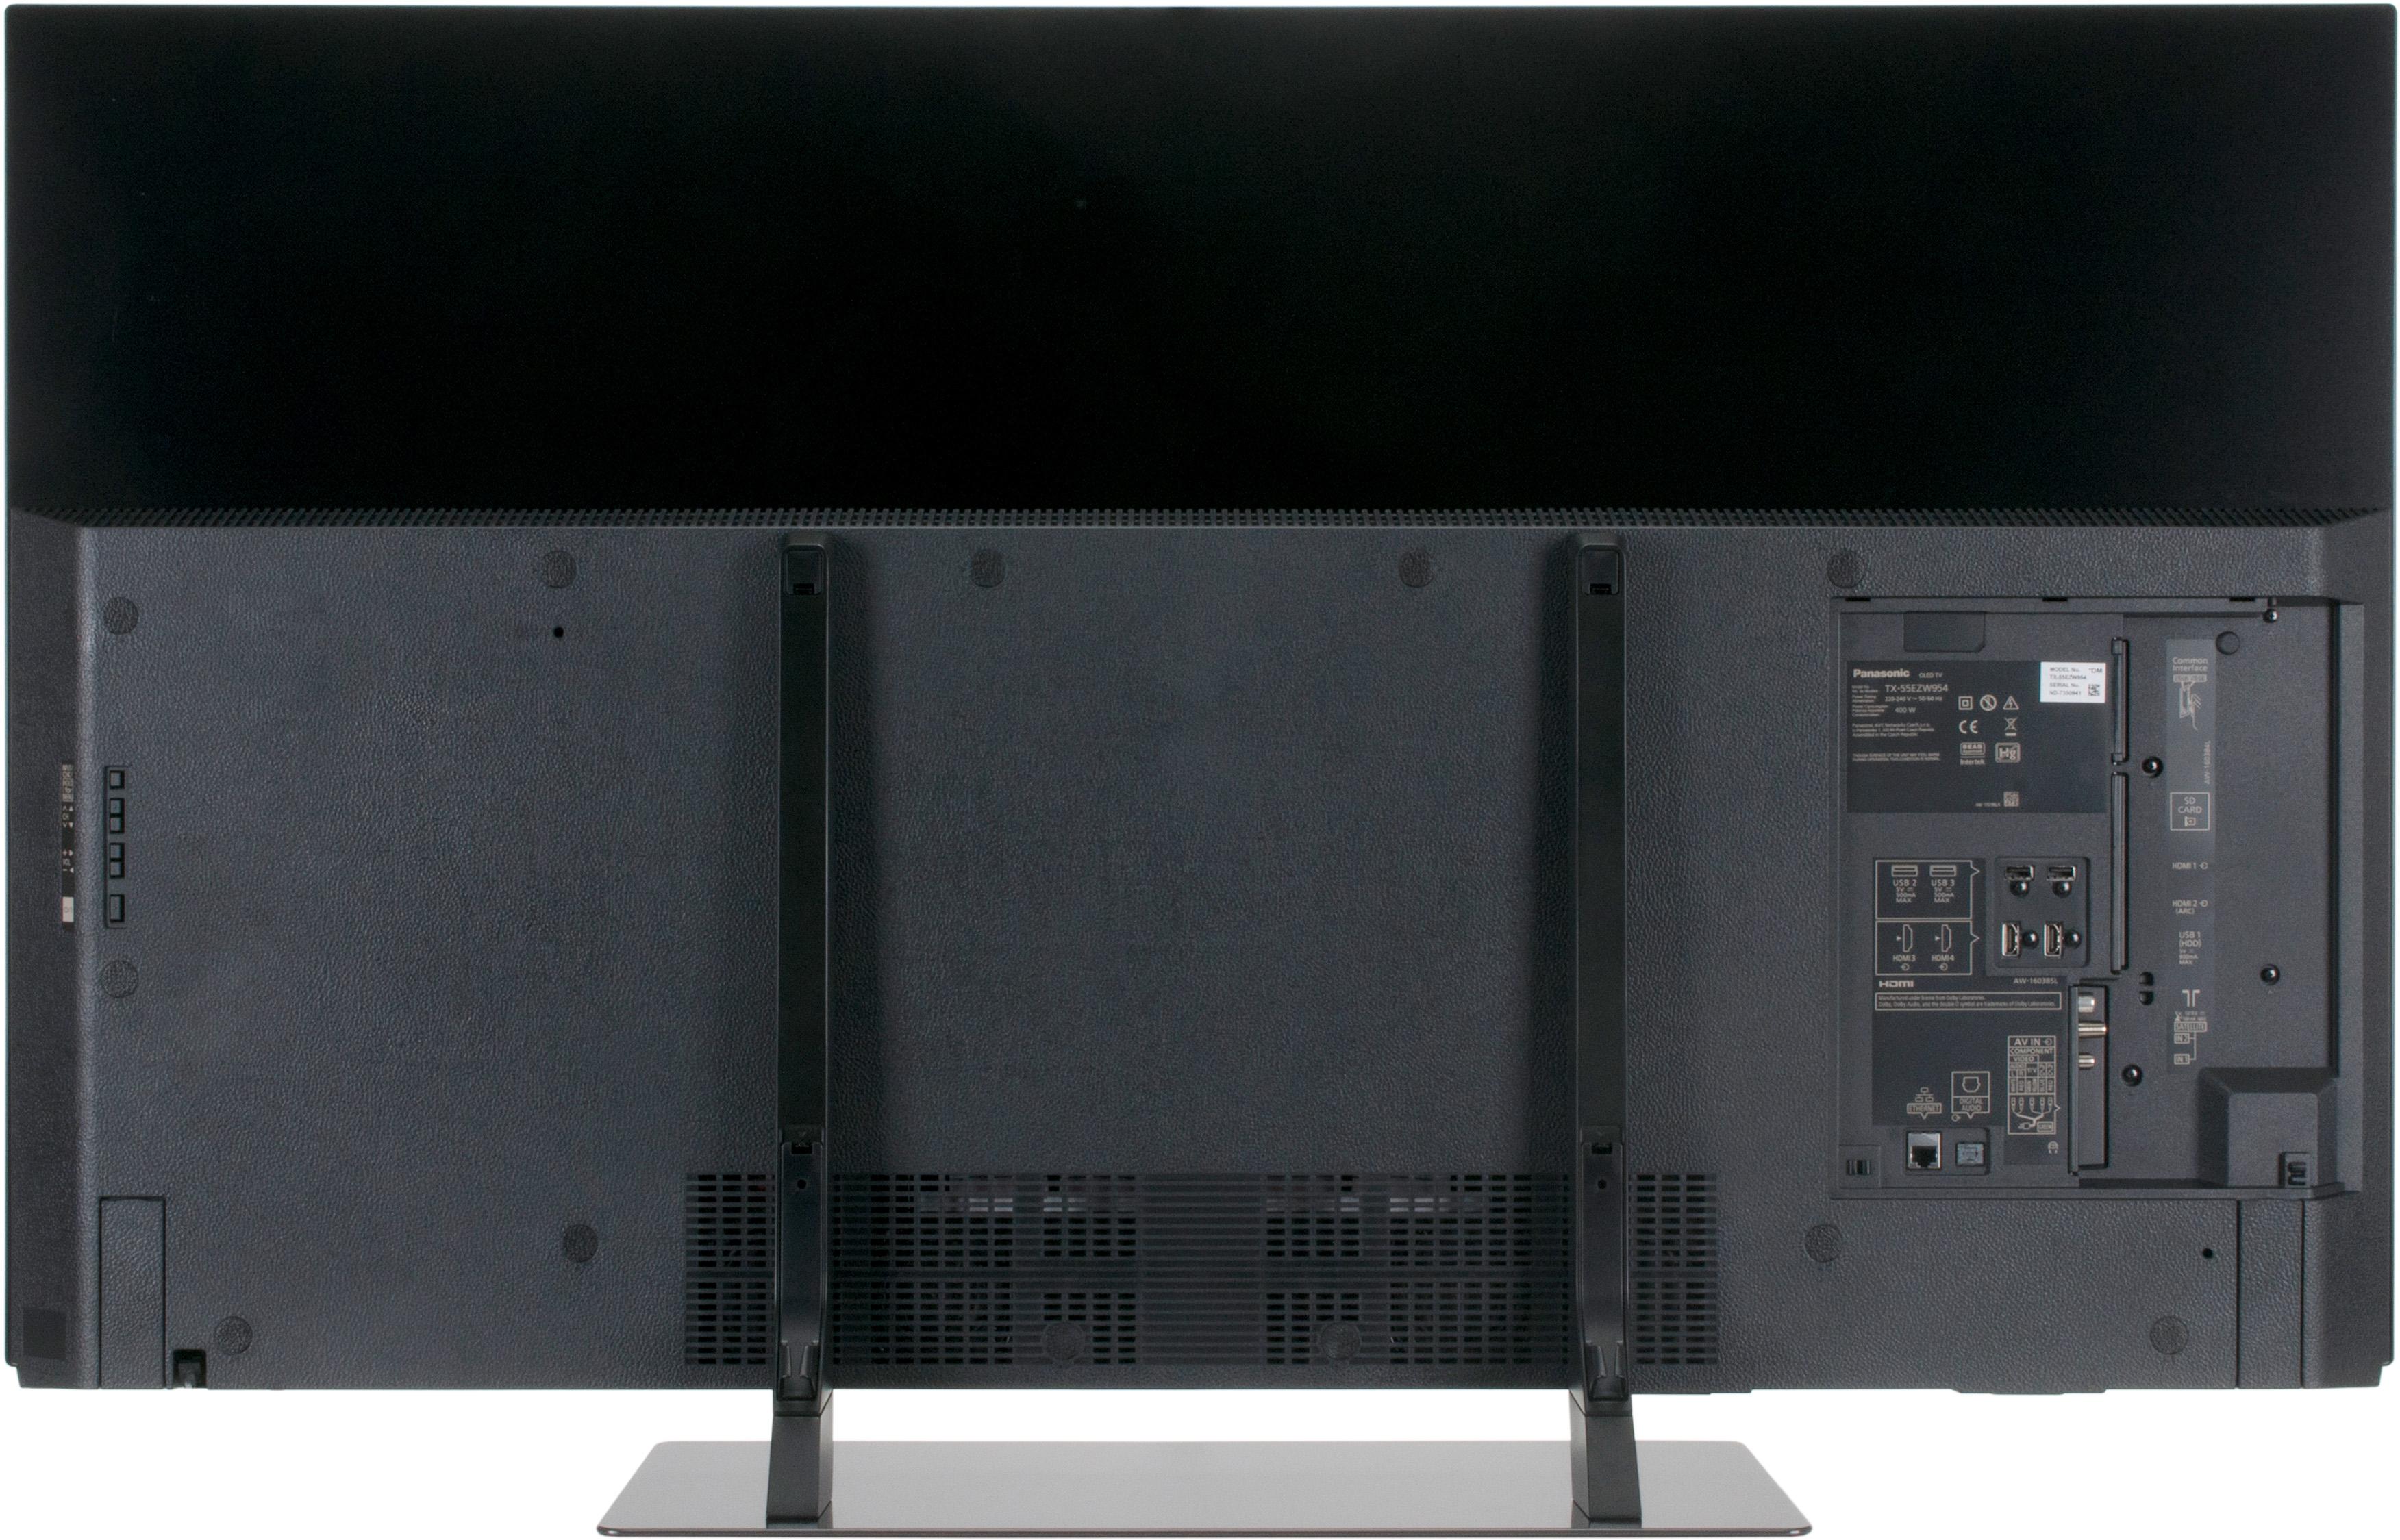 tx 55ez950